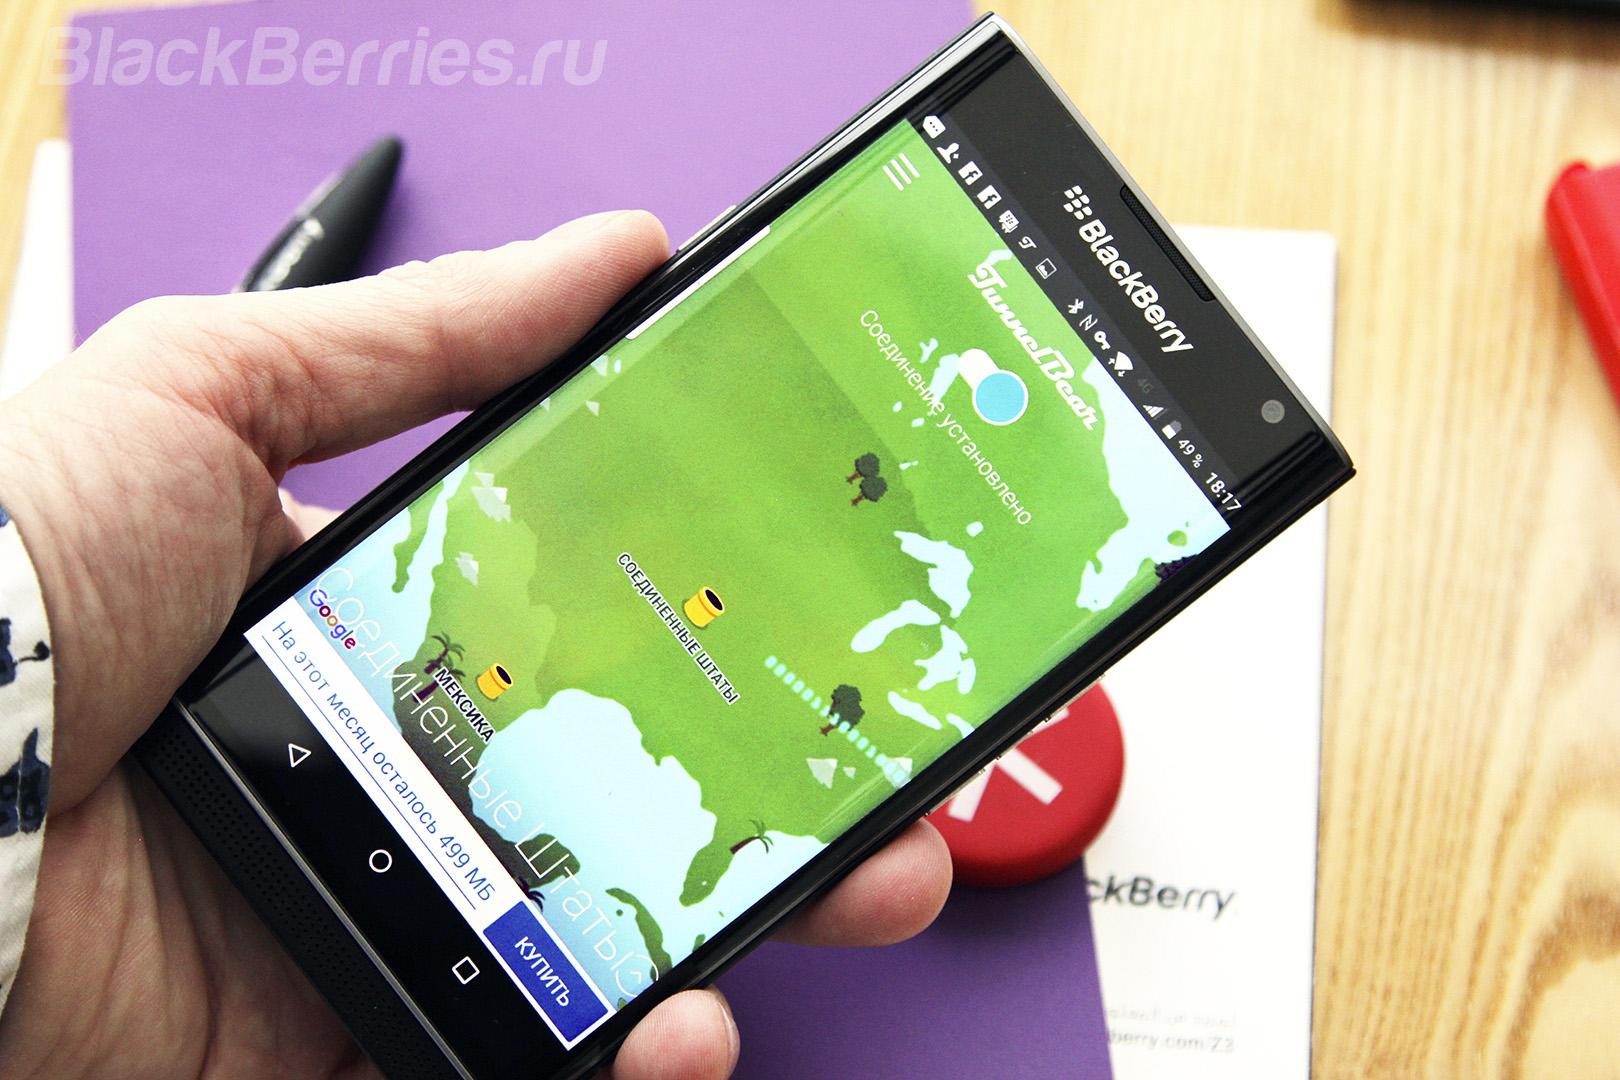 BlackBerry-Apps-21-11-09